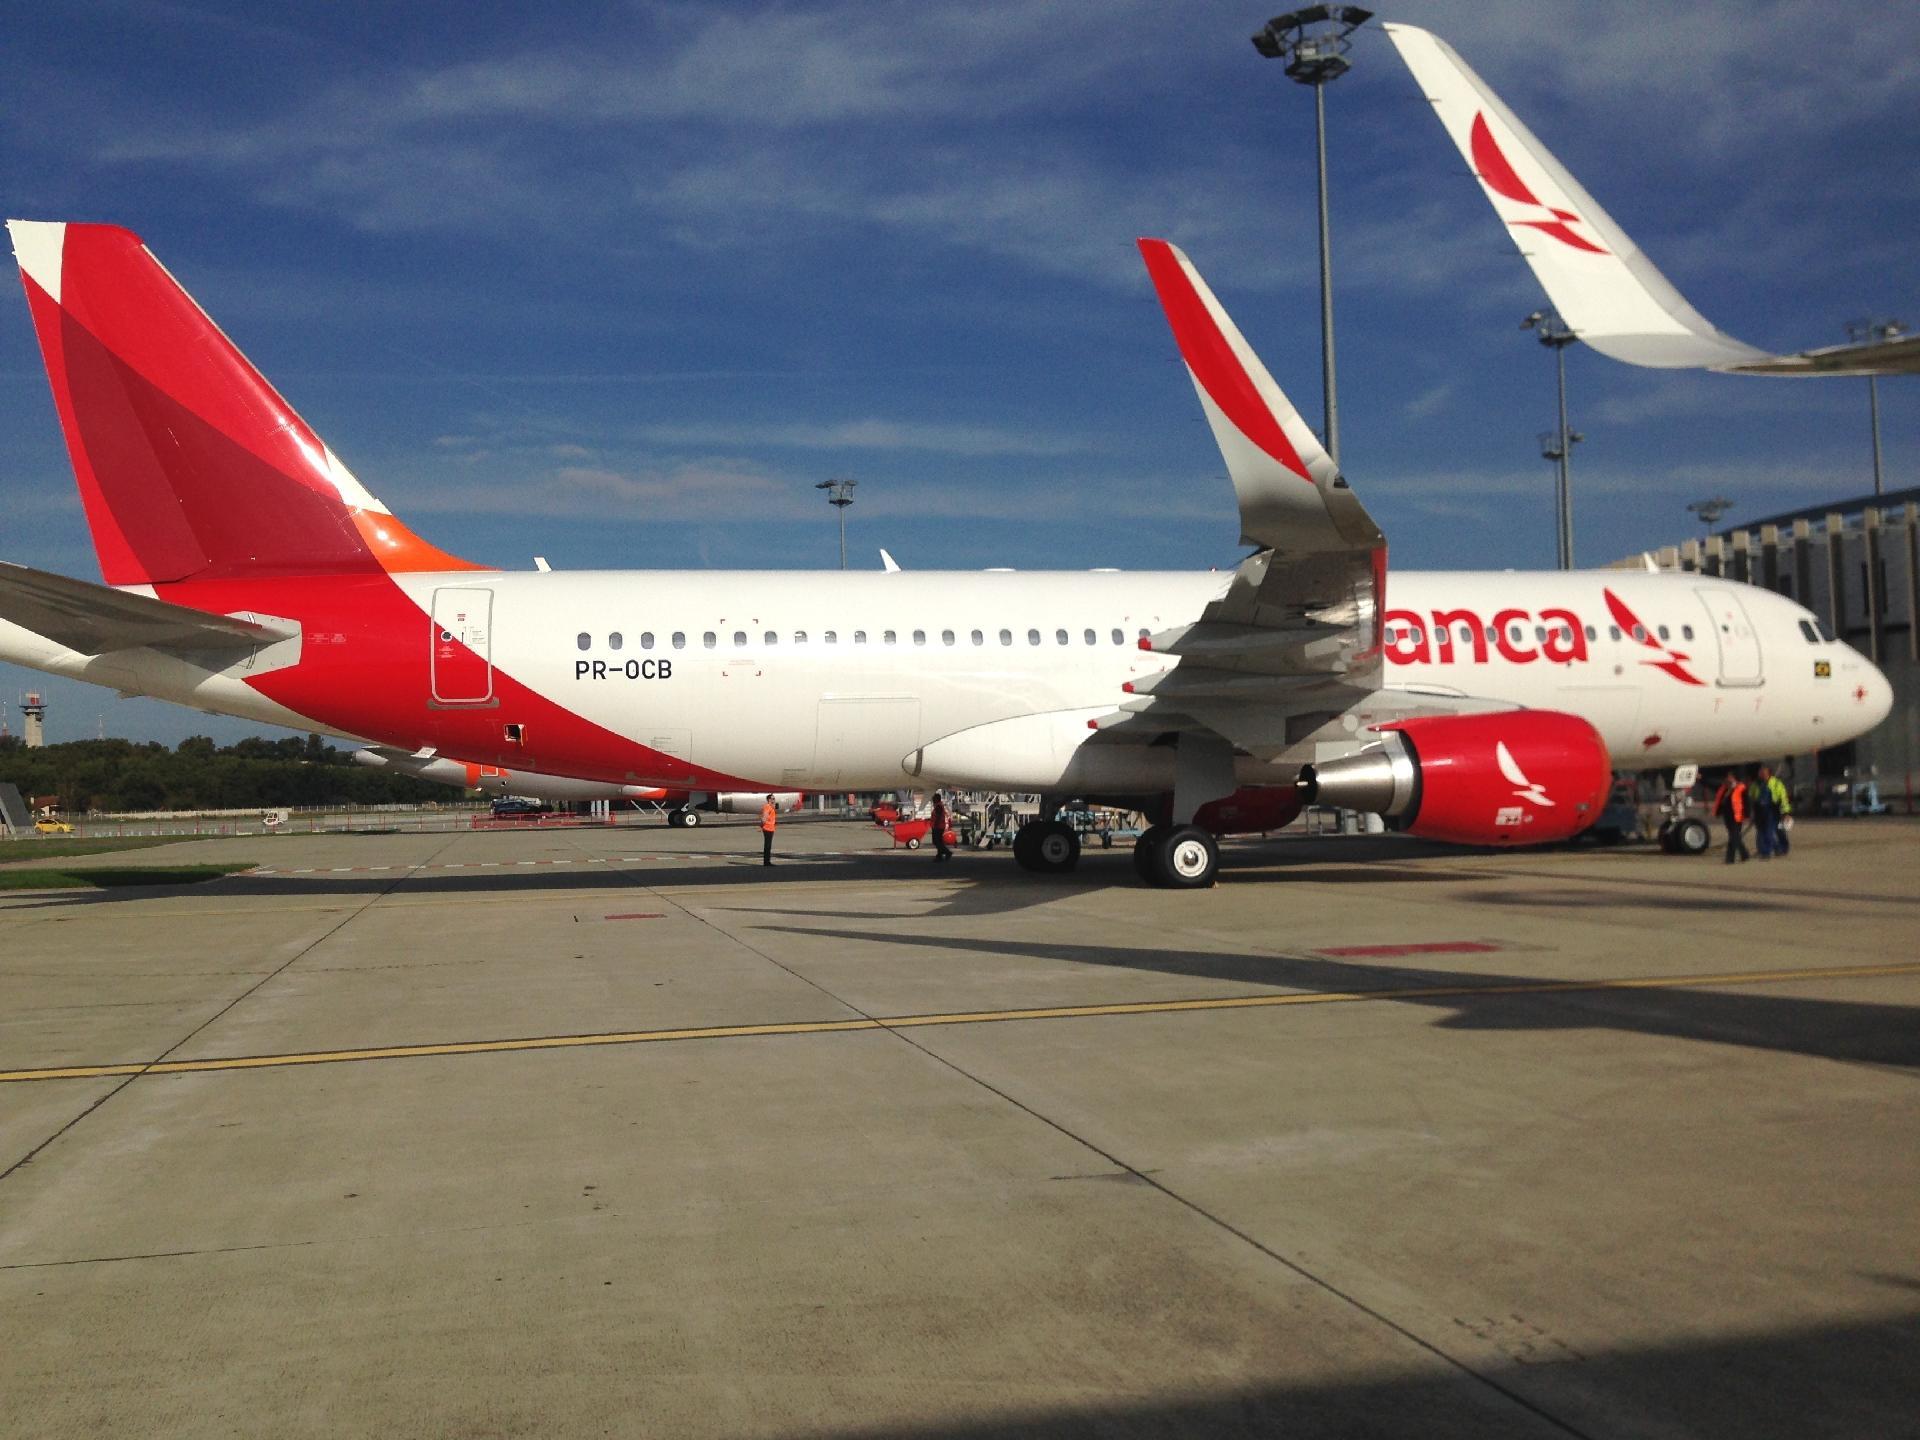 52e0ae1b2f2a8 Justiça decide a favor de retomada de 15 aviões da Avianca Brasil - 08 04  2019 - UOL Economia